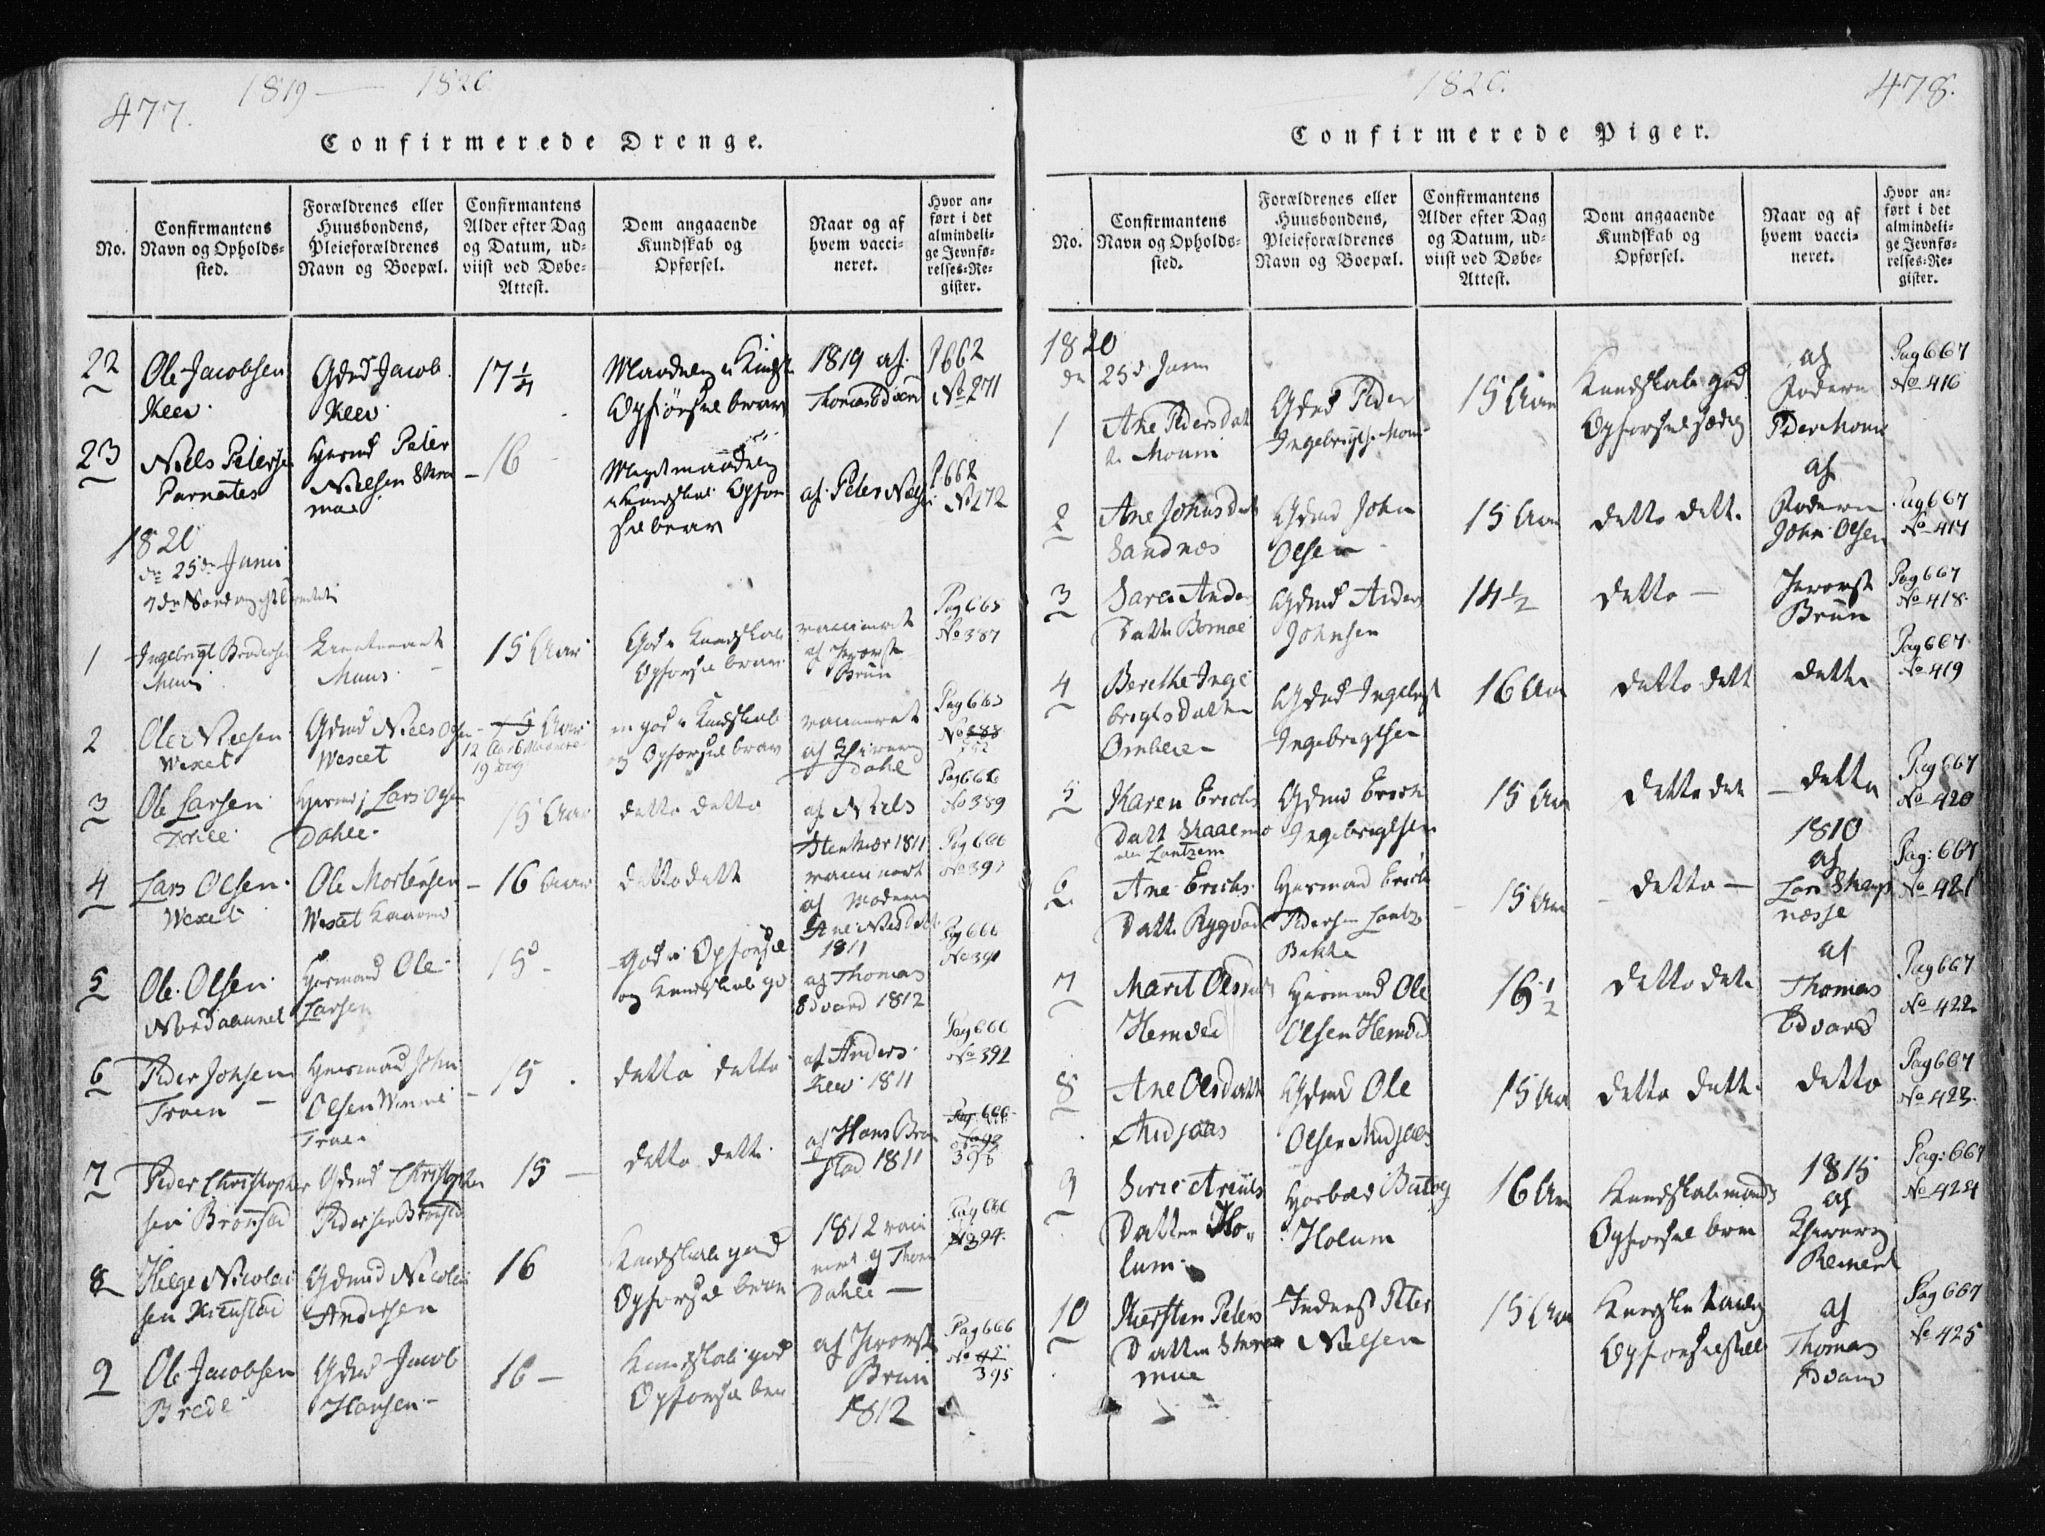 SAT, Ministerialprotokoller, klokkerbøker og fødselsregistre - Nord-Trøndelag, 749/L0469: Ministerialbok nr. 749A03, 1817-1857, s. 477-478